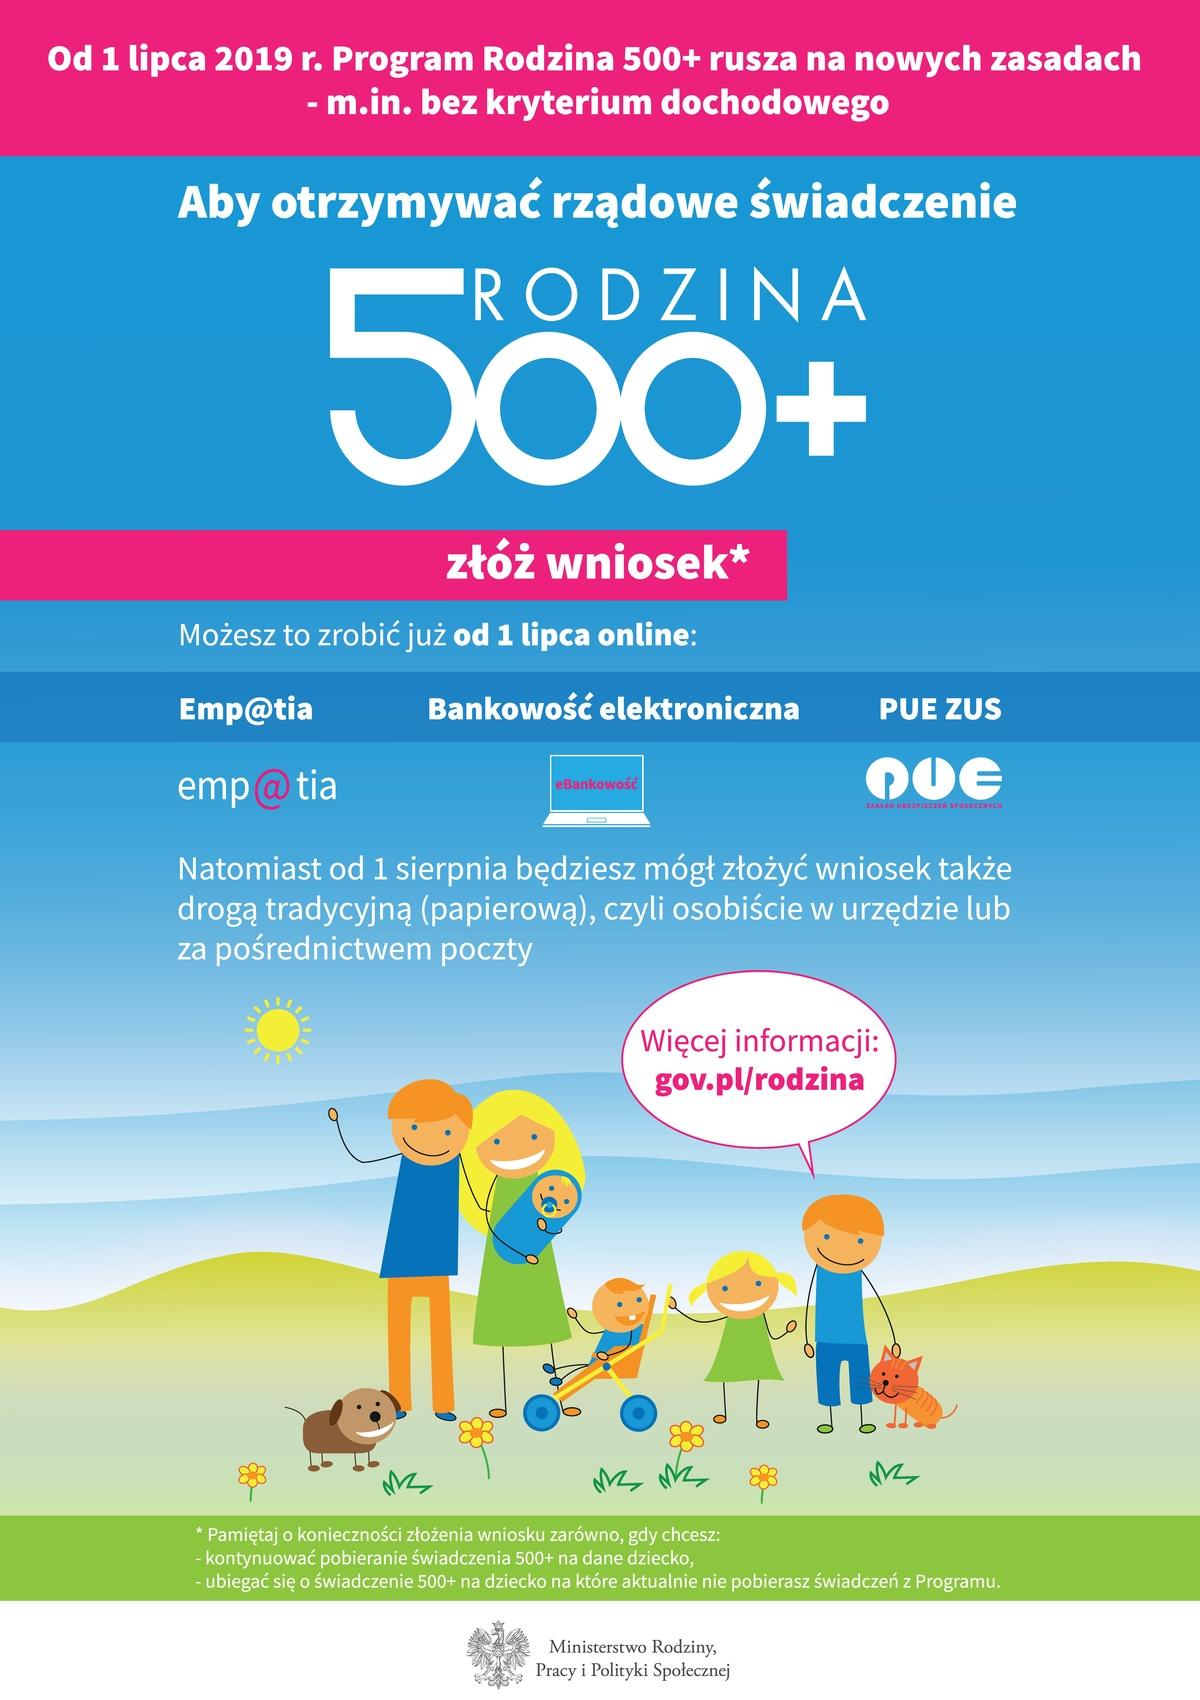 Program Rodzina 500+ na nowych zasadach